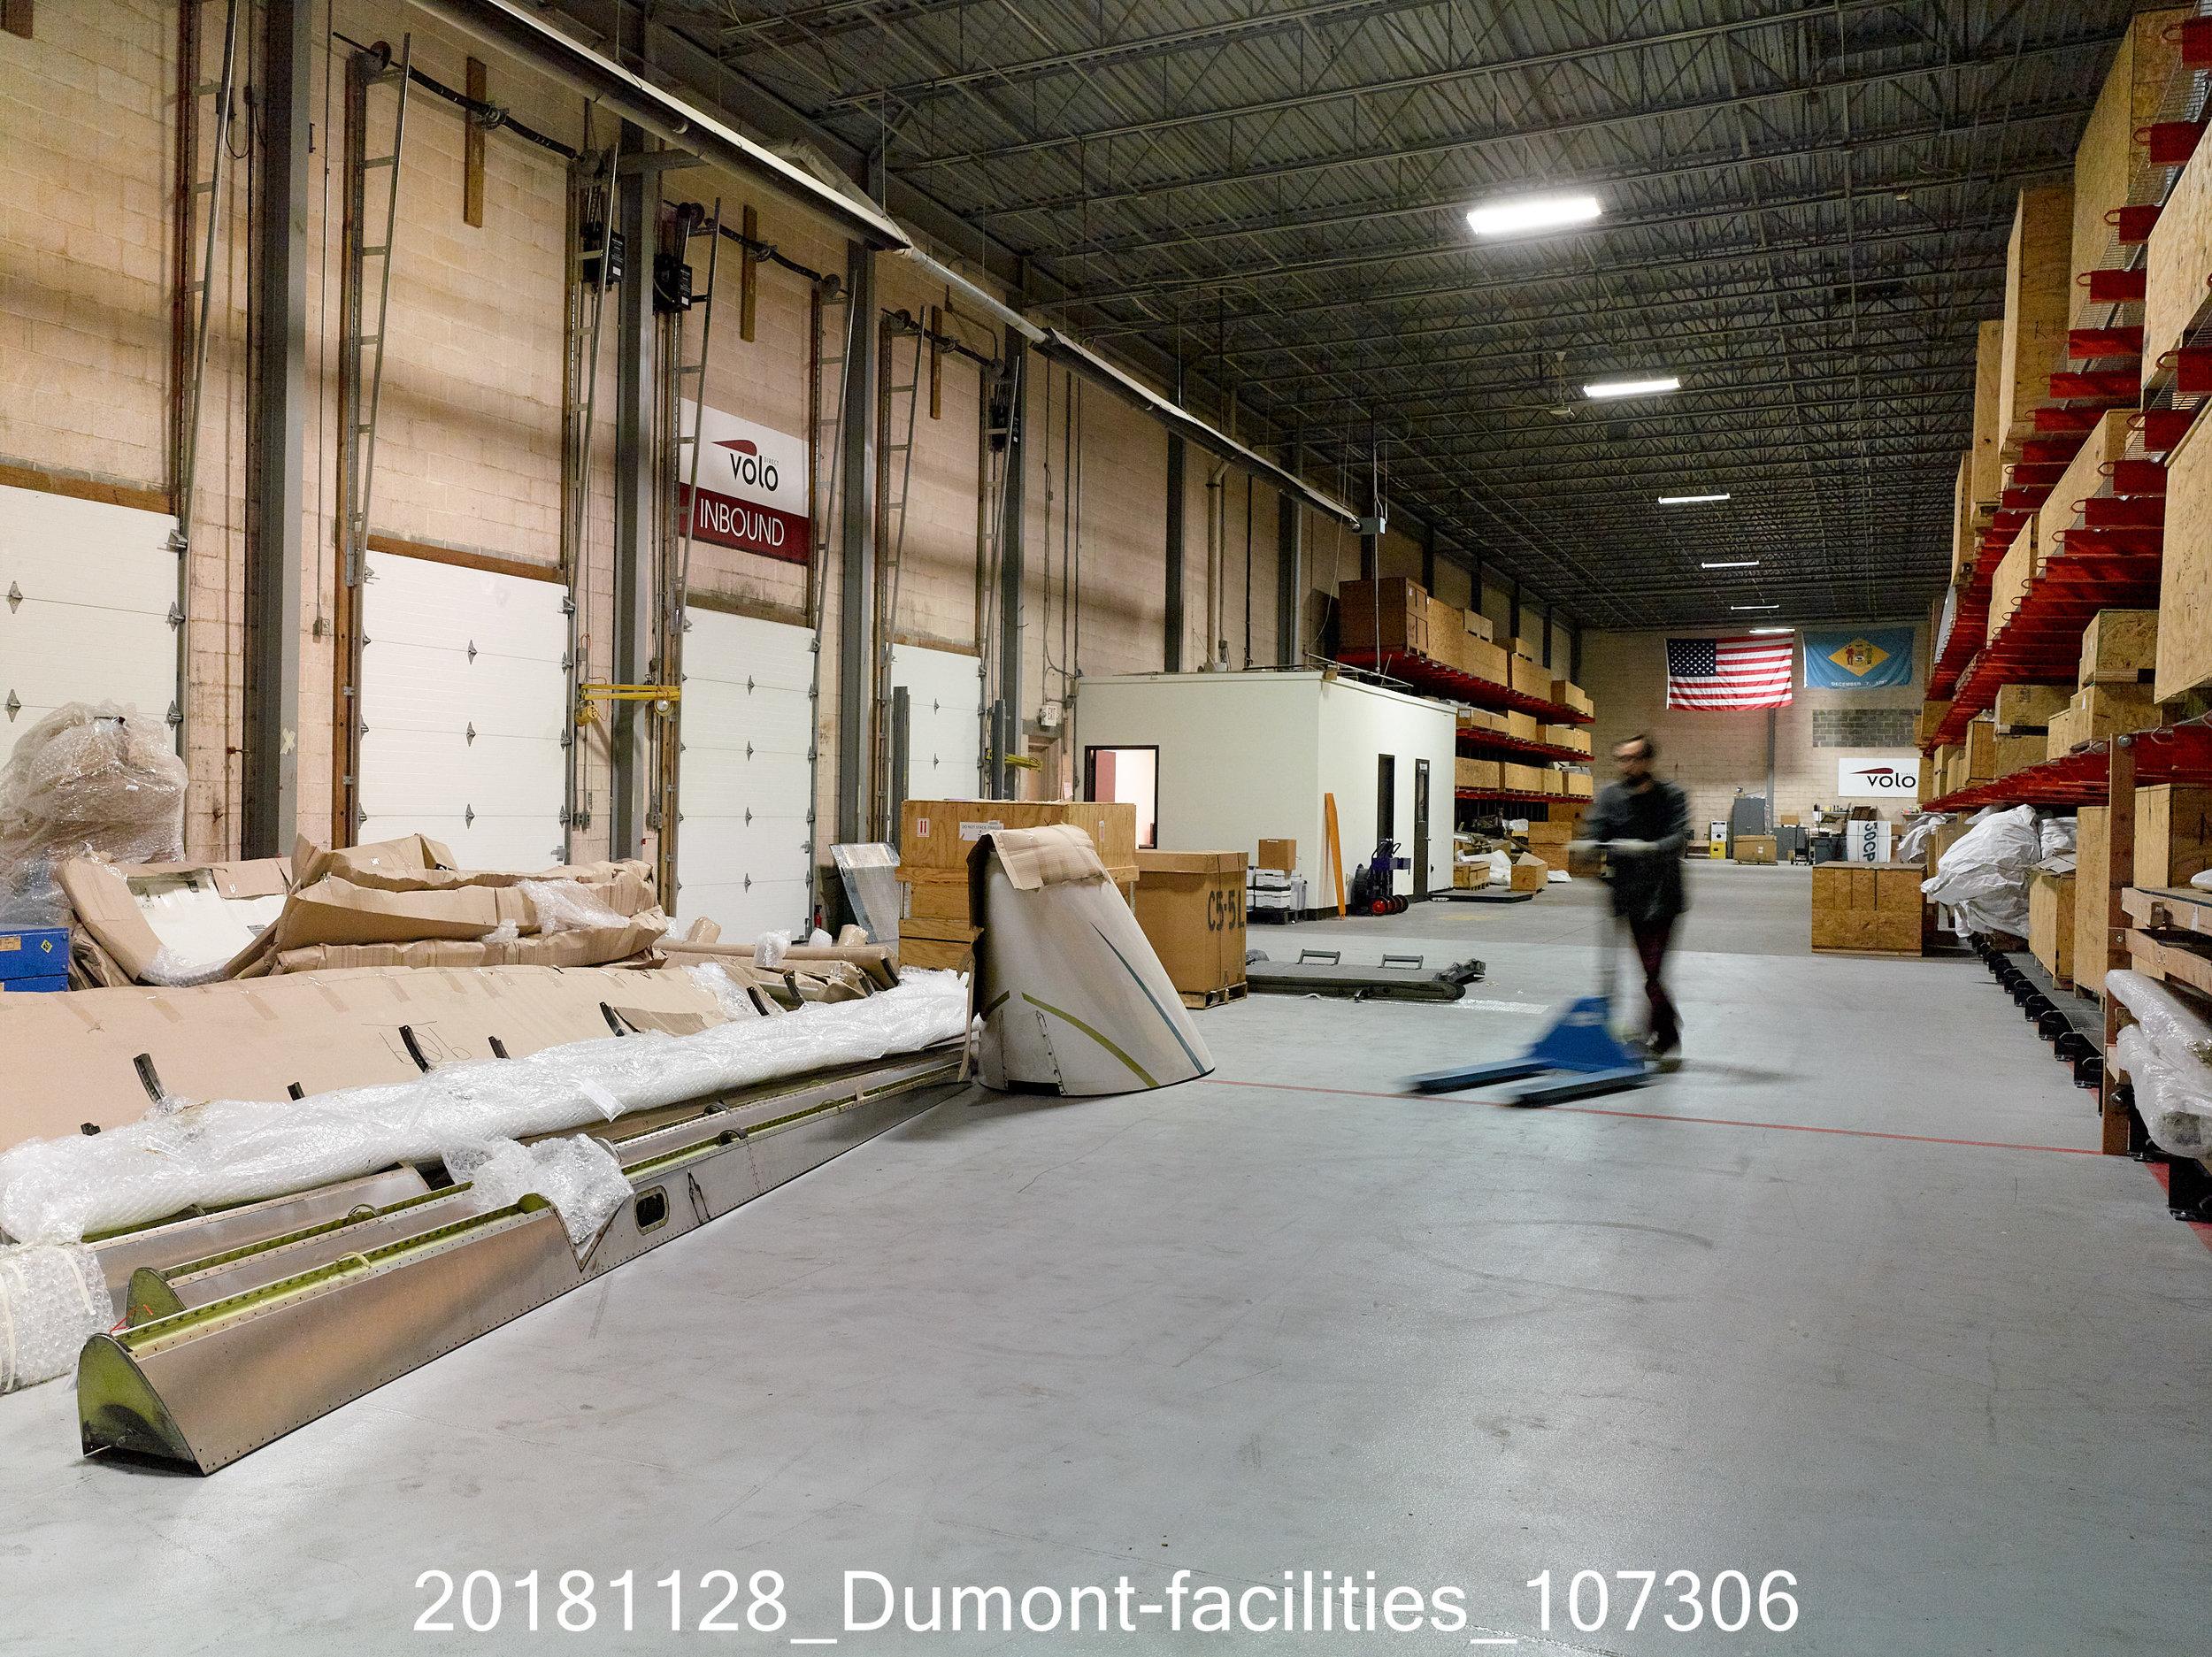 20181128_Dumont-facilities_107306.jpg